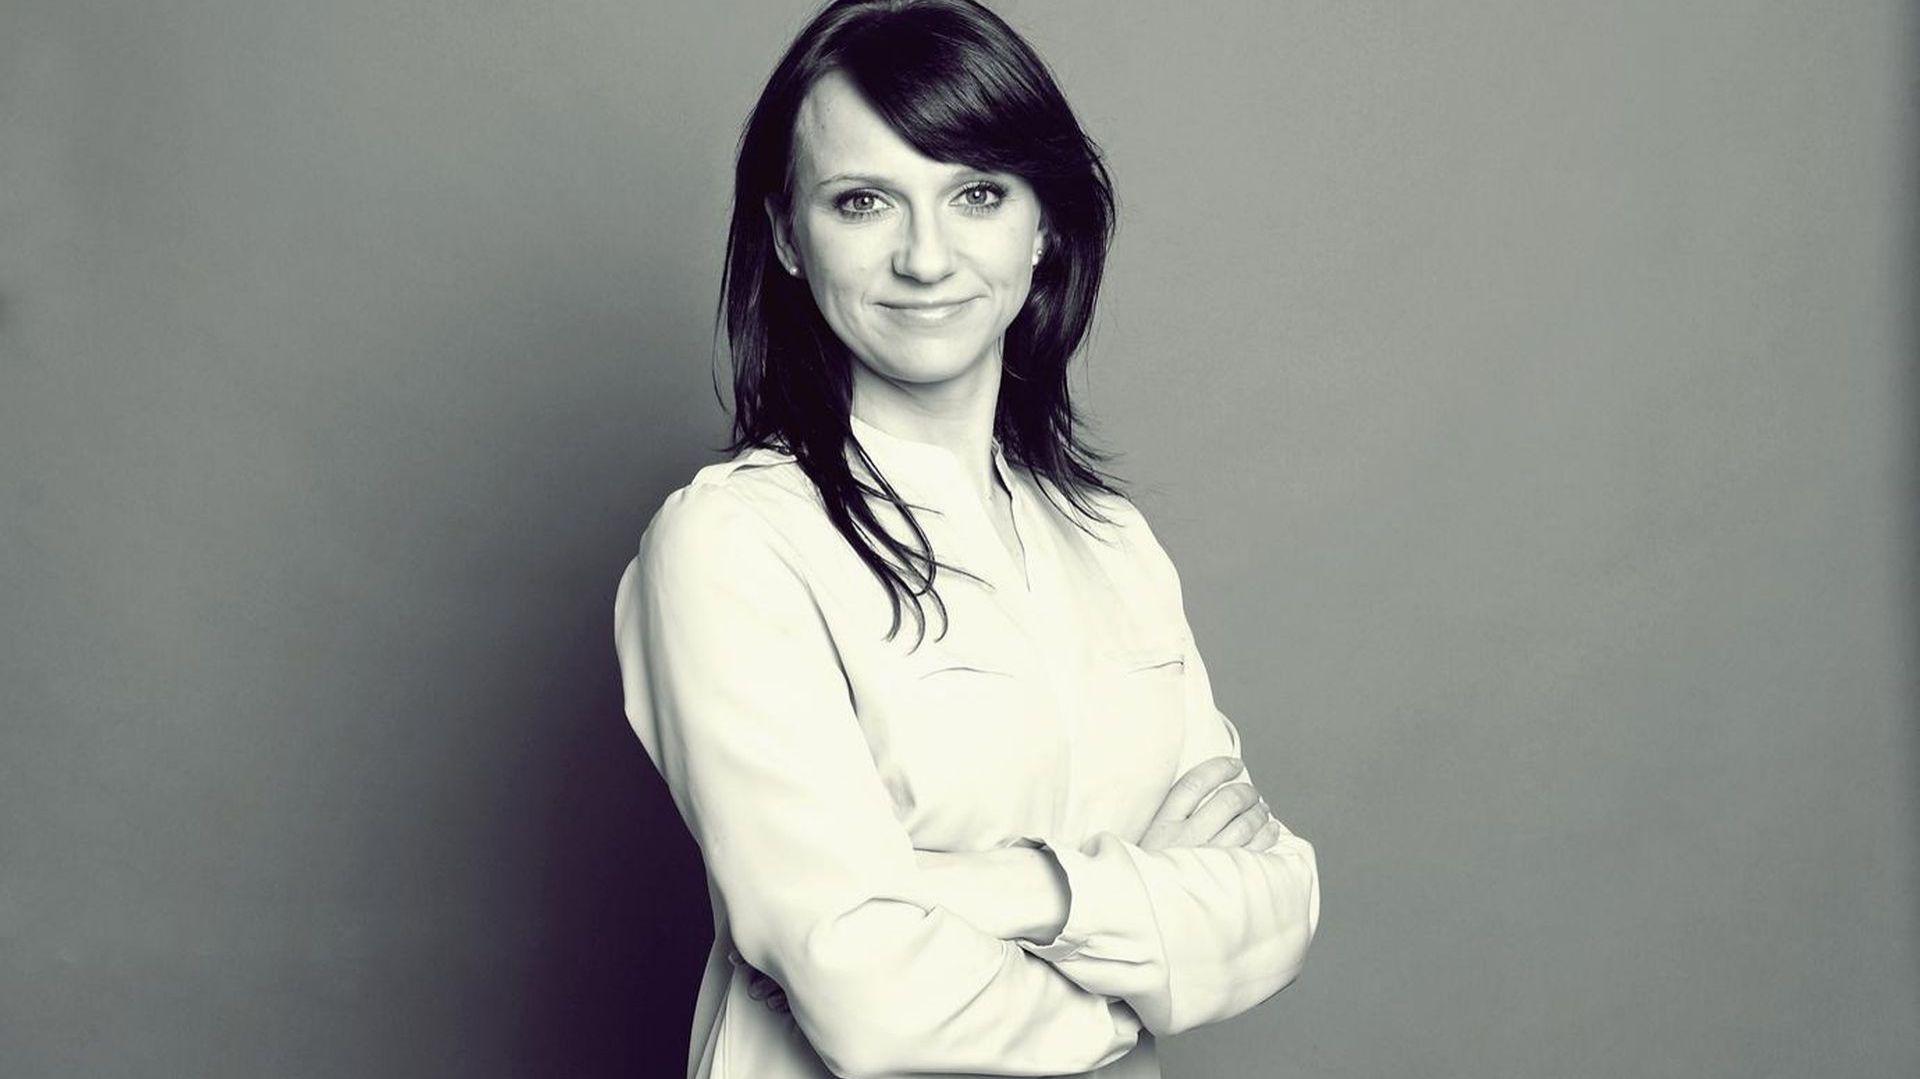 Architekt Dorota Maksymowicz, właścicielka interdyscyplinarnego biura projektowego The Space.jpg